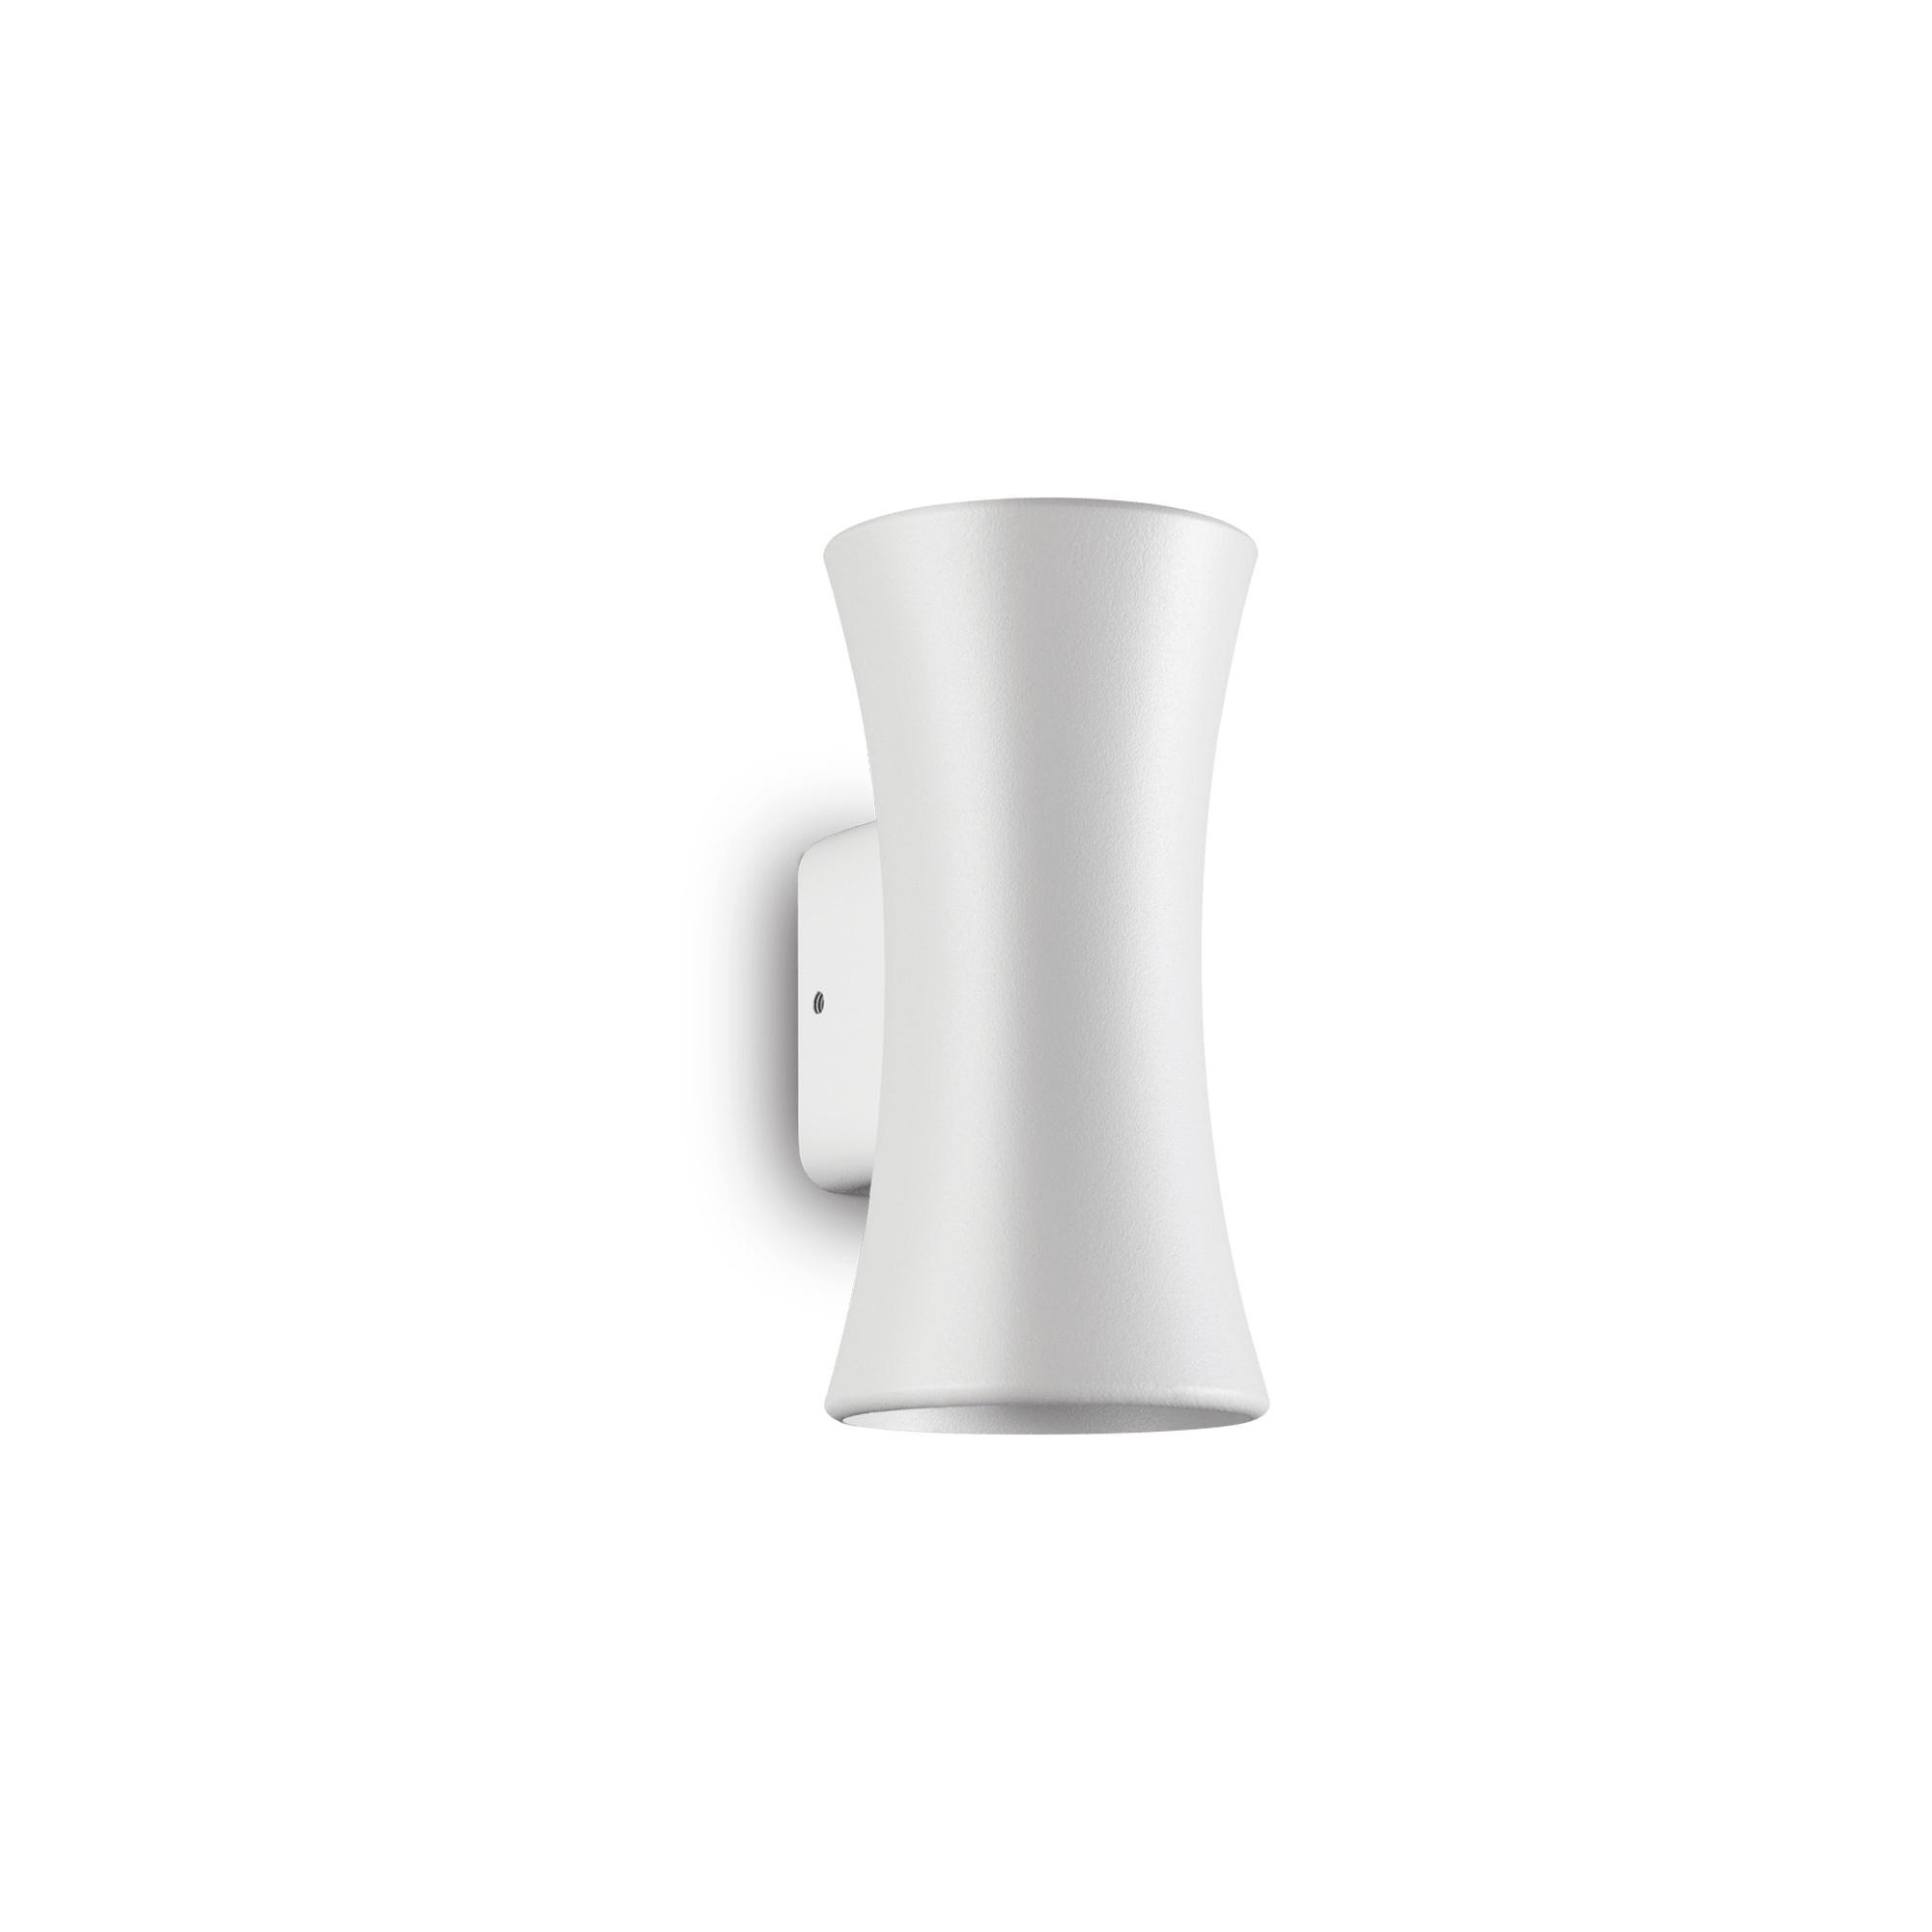 LAB AP2 BIANCO уличный накладной светильник белый